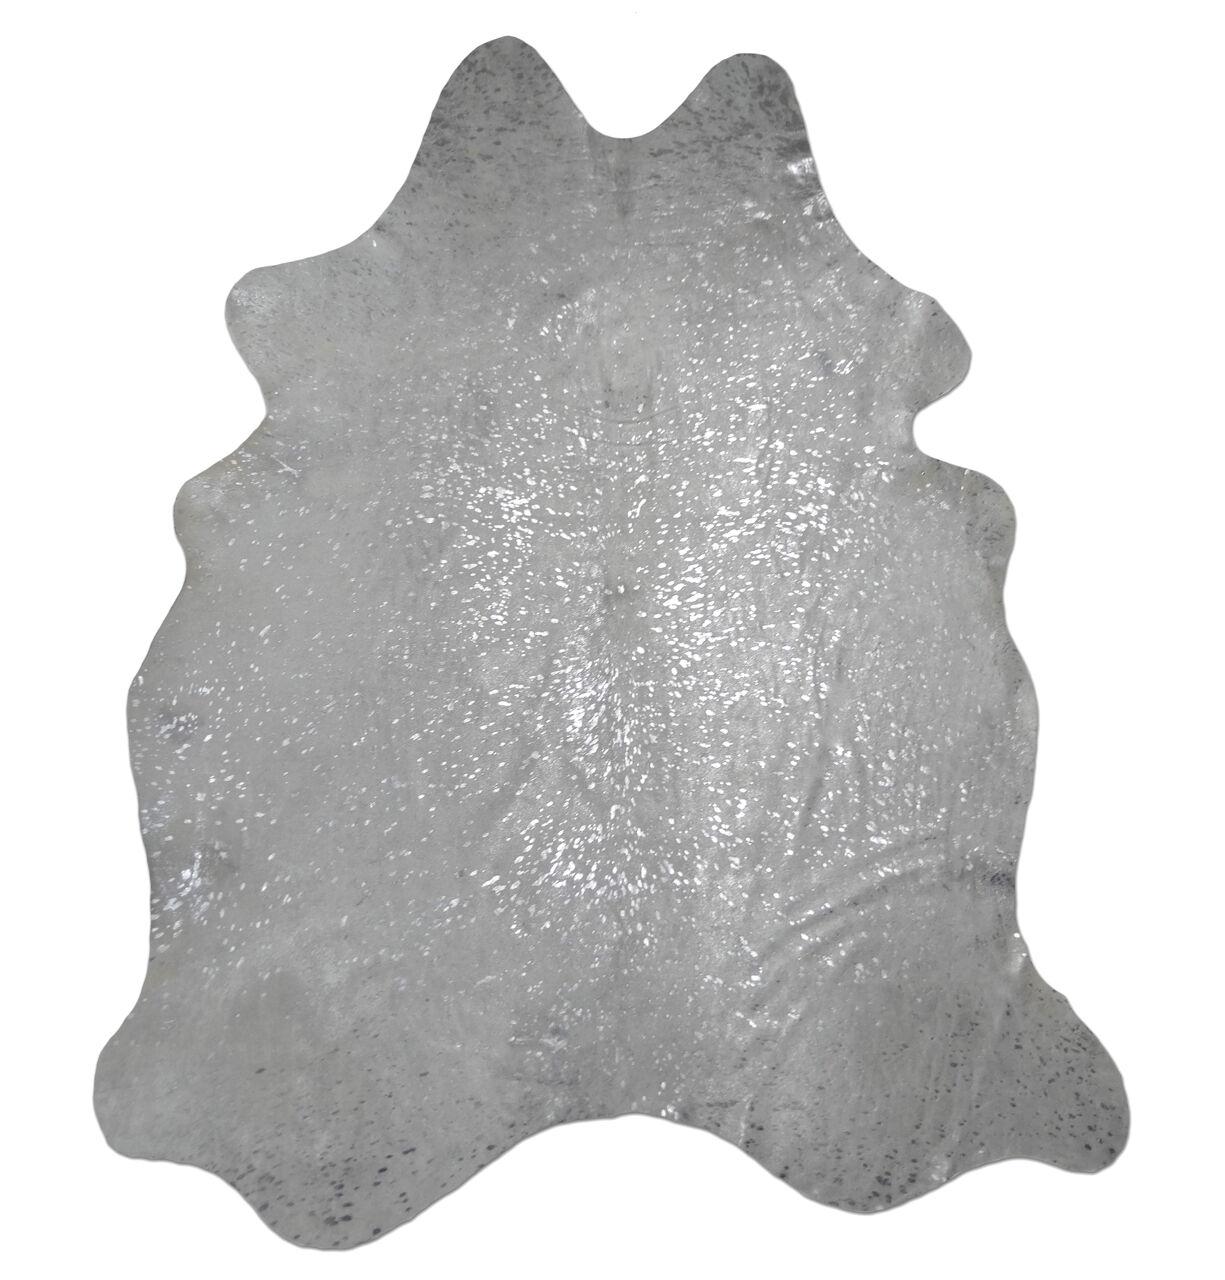 Peau rinderfell devore Gris cm, Clair Argent-environ 210 cm x 190 cm, Gris Rug, Neuf d2c052